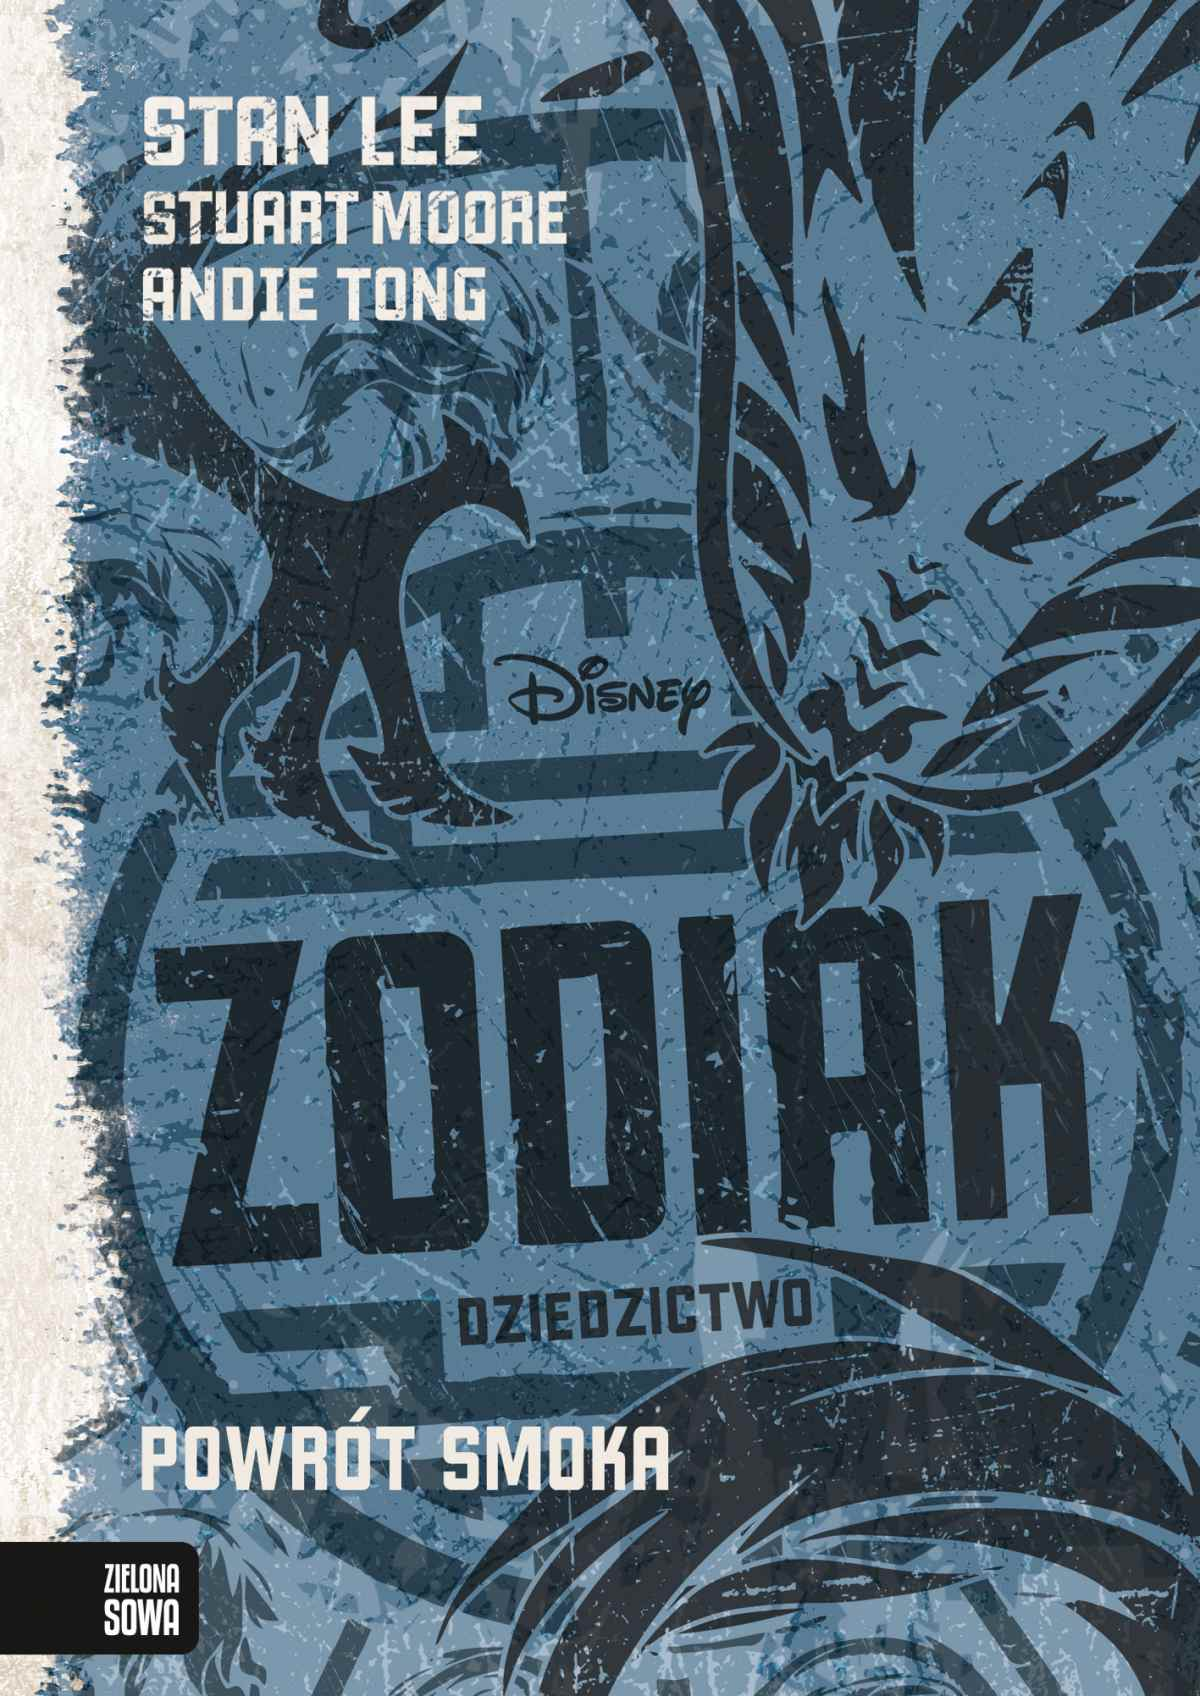 Zodiak Dziedzictwo. Powrót smoka - Ebook (Książka EPUB) do pobrania w formacie EPUB